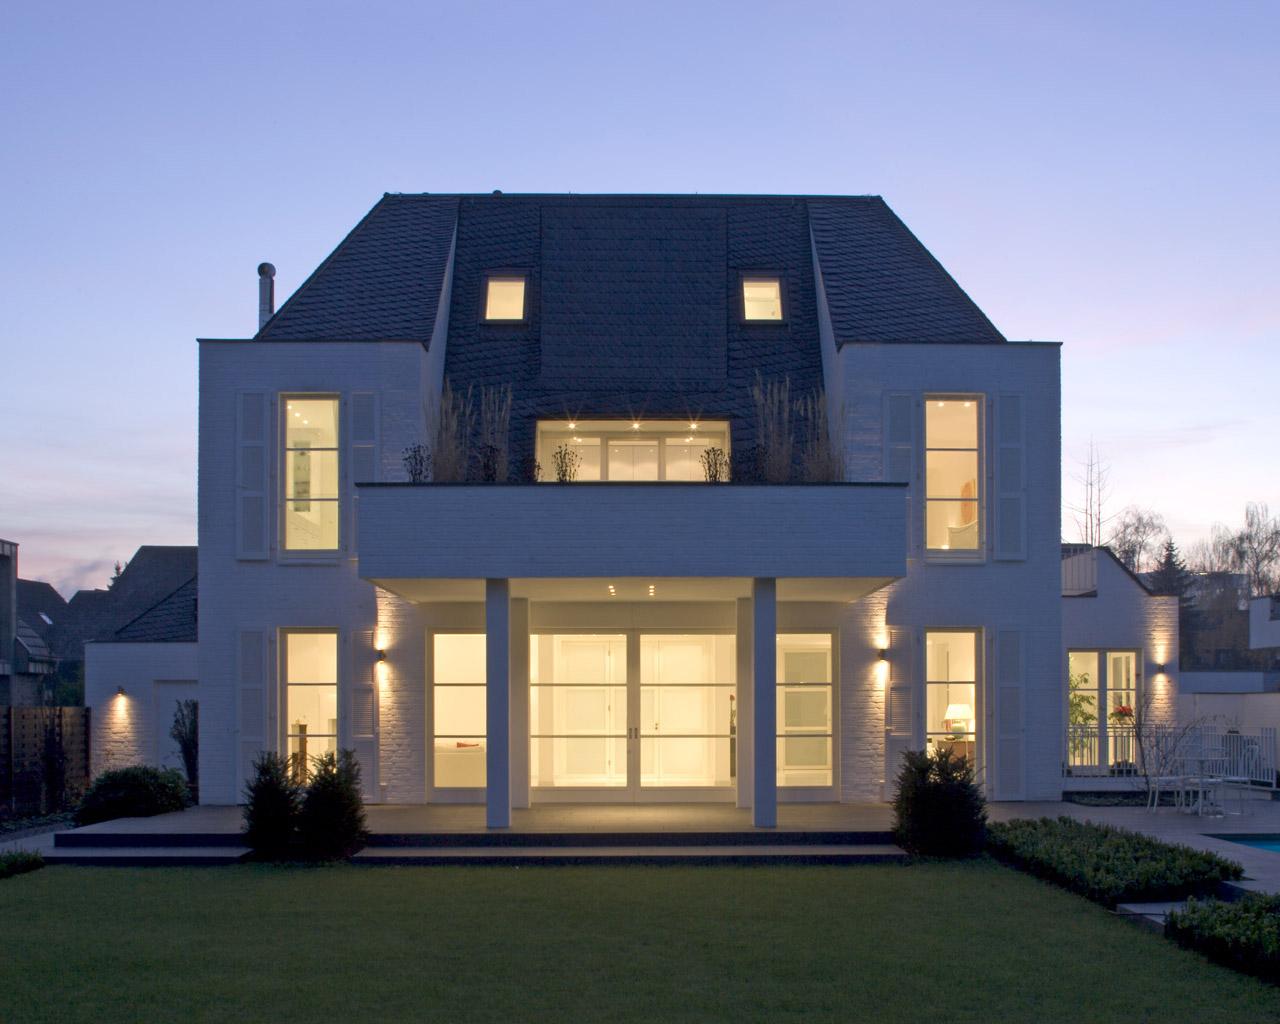 Architekt for Architekt einfamilienhaus